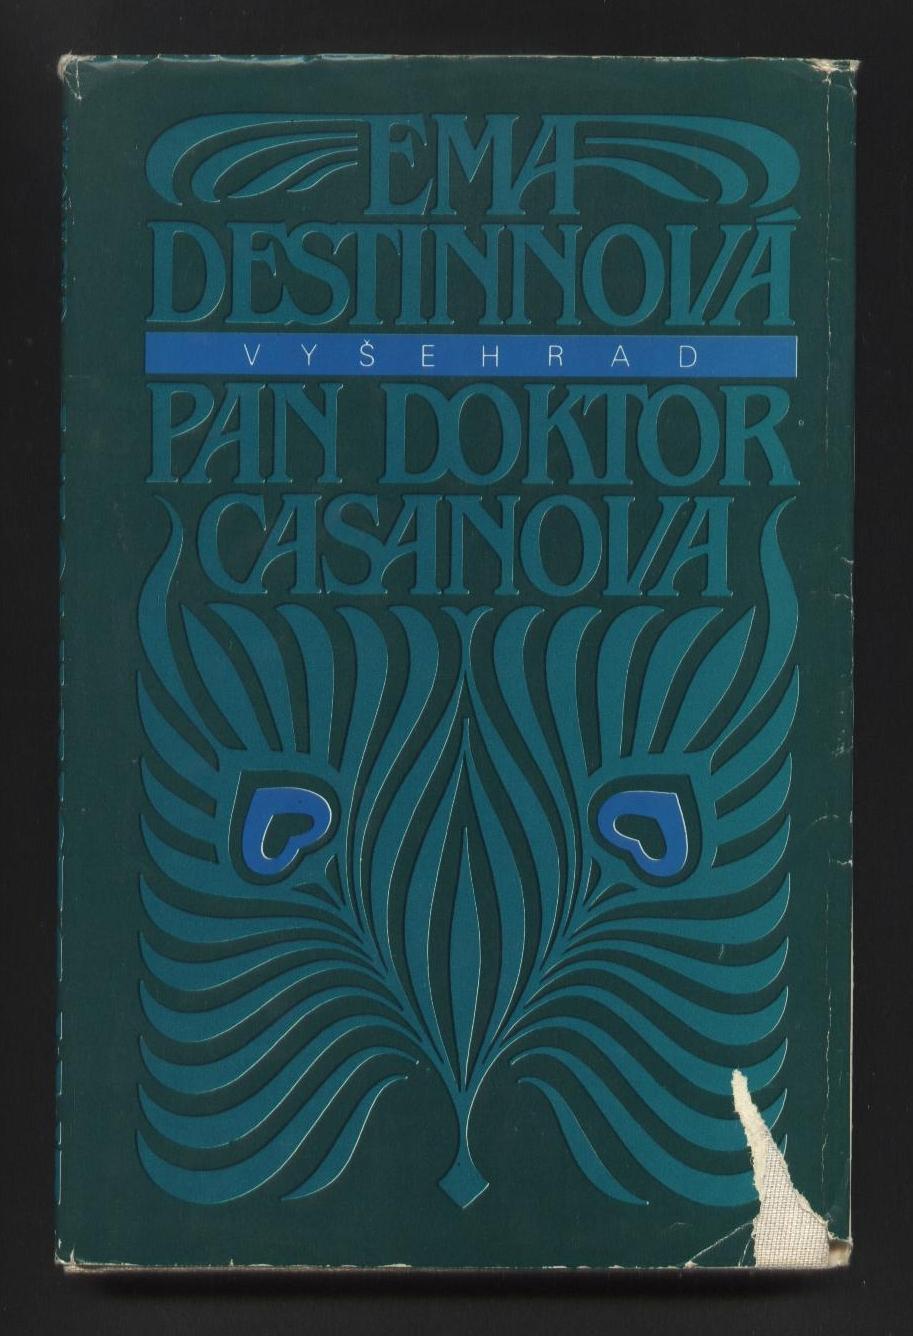 Pan doktor Casanova - Ema Destinnová